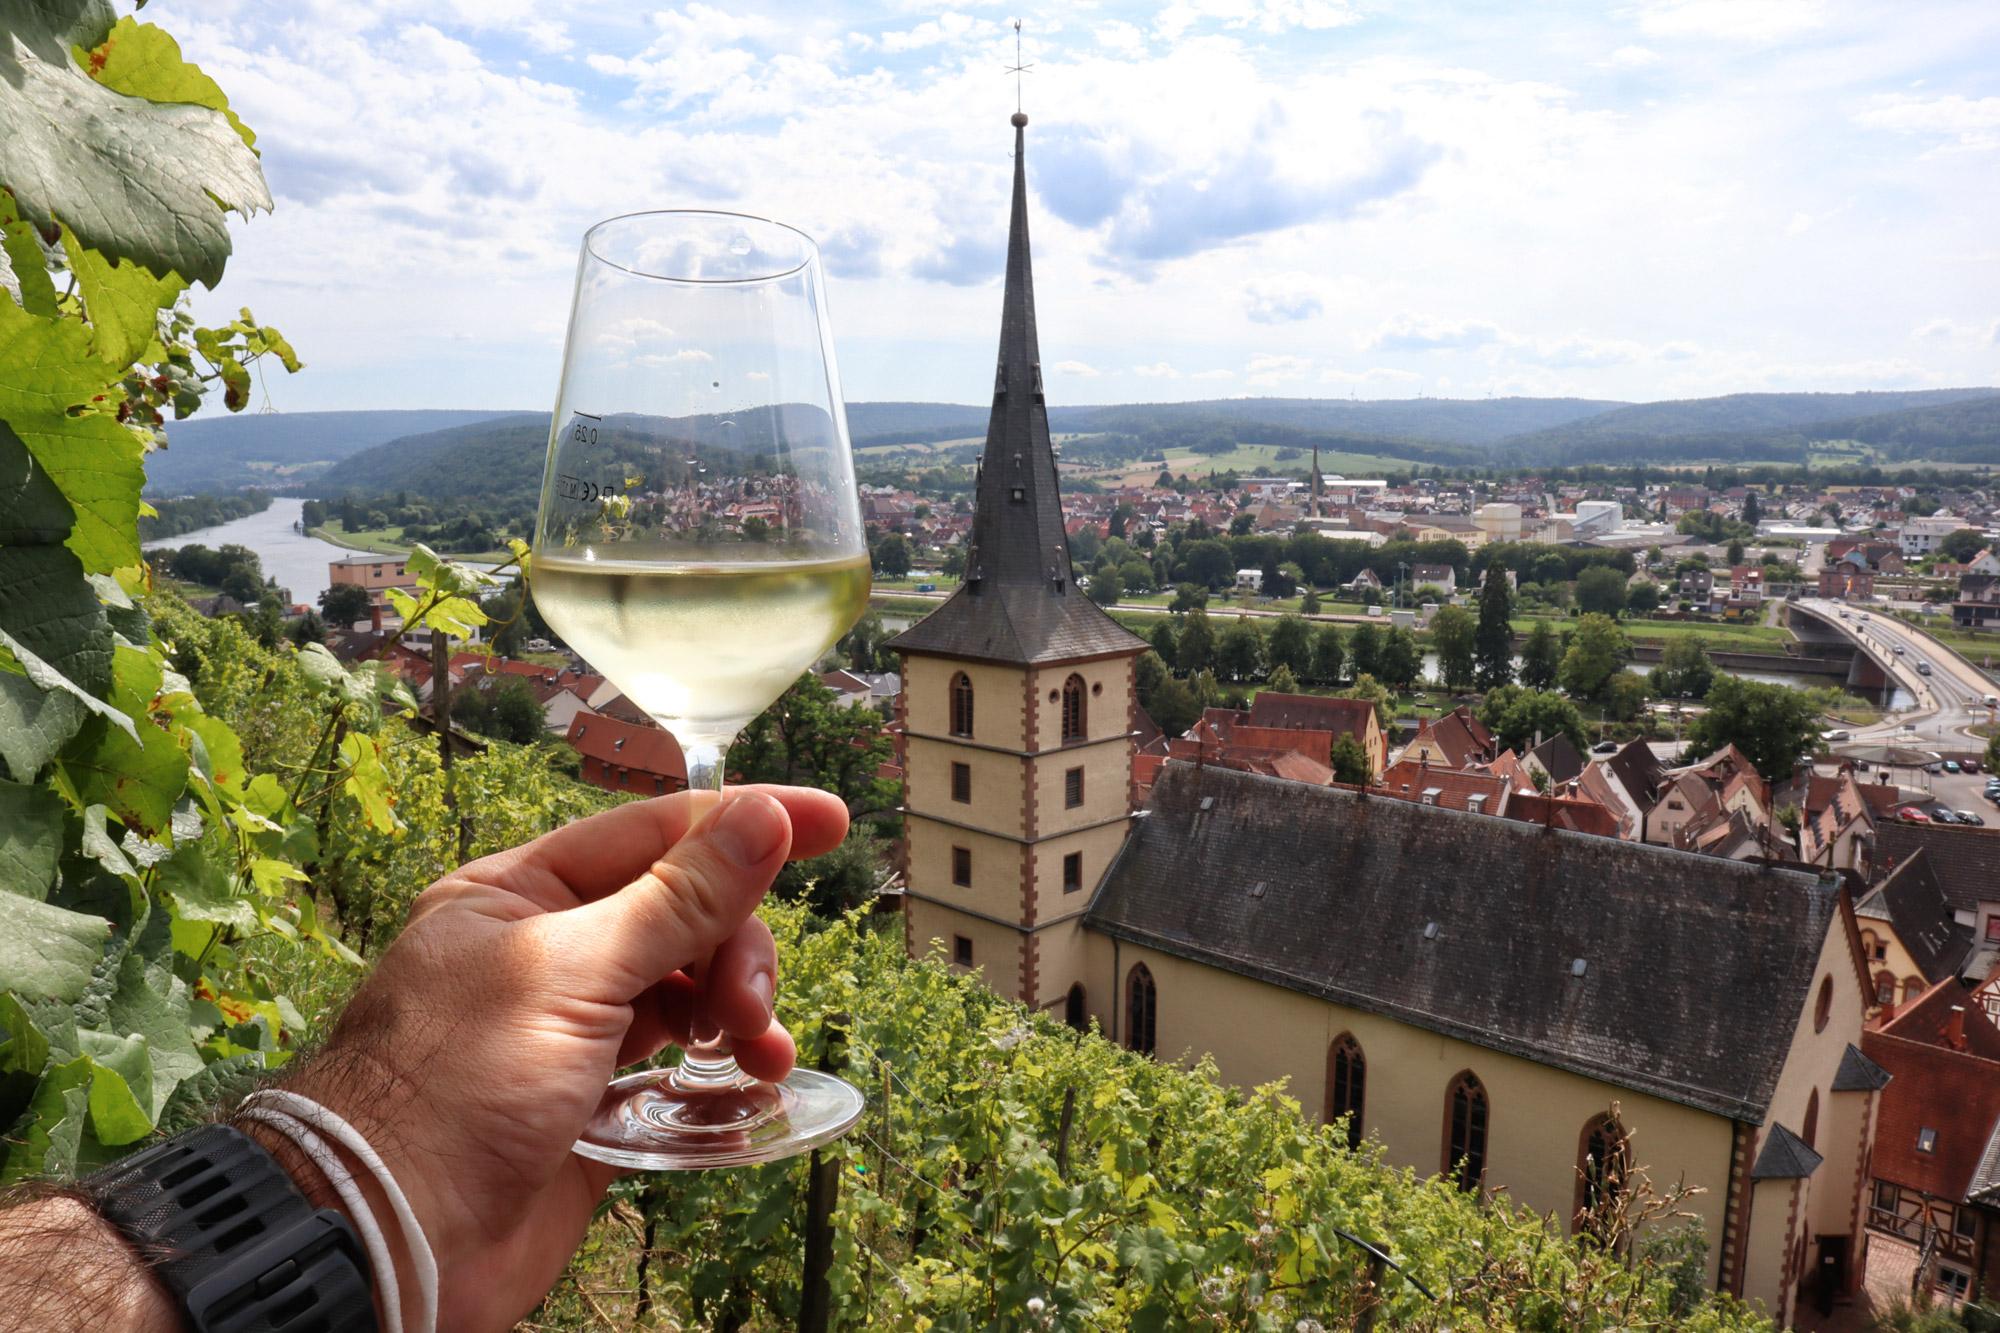 Churfranken - Wijnregio